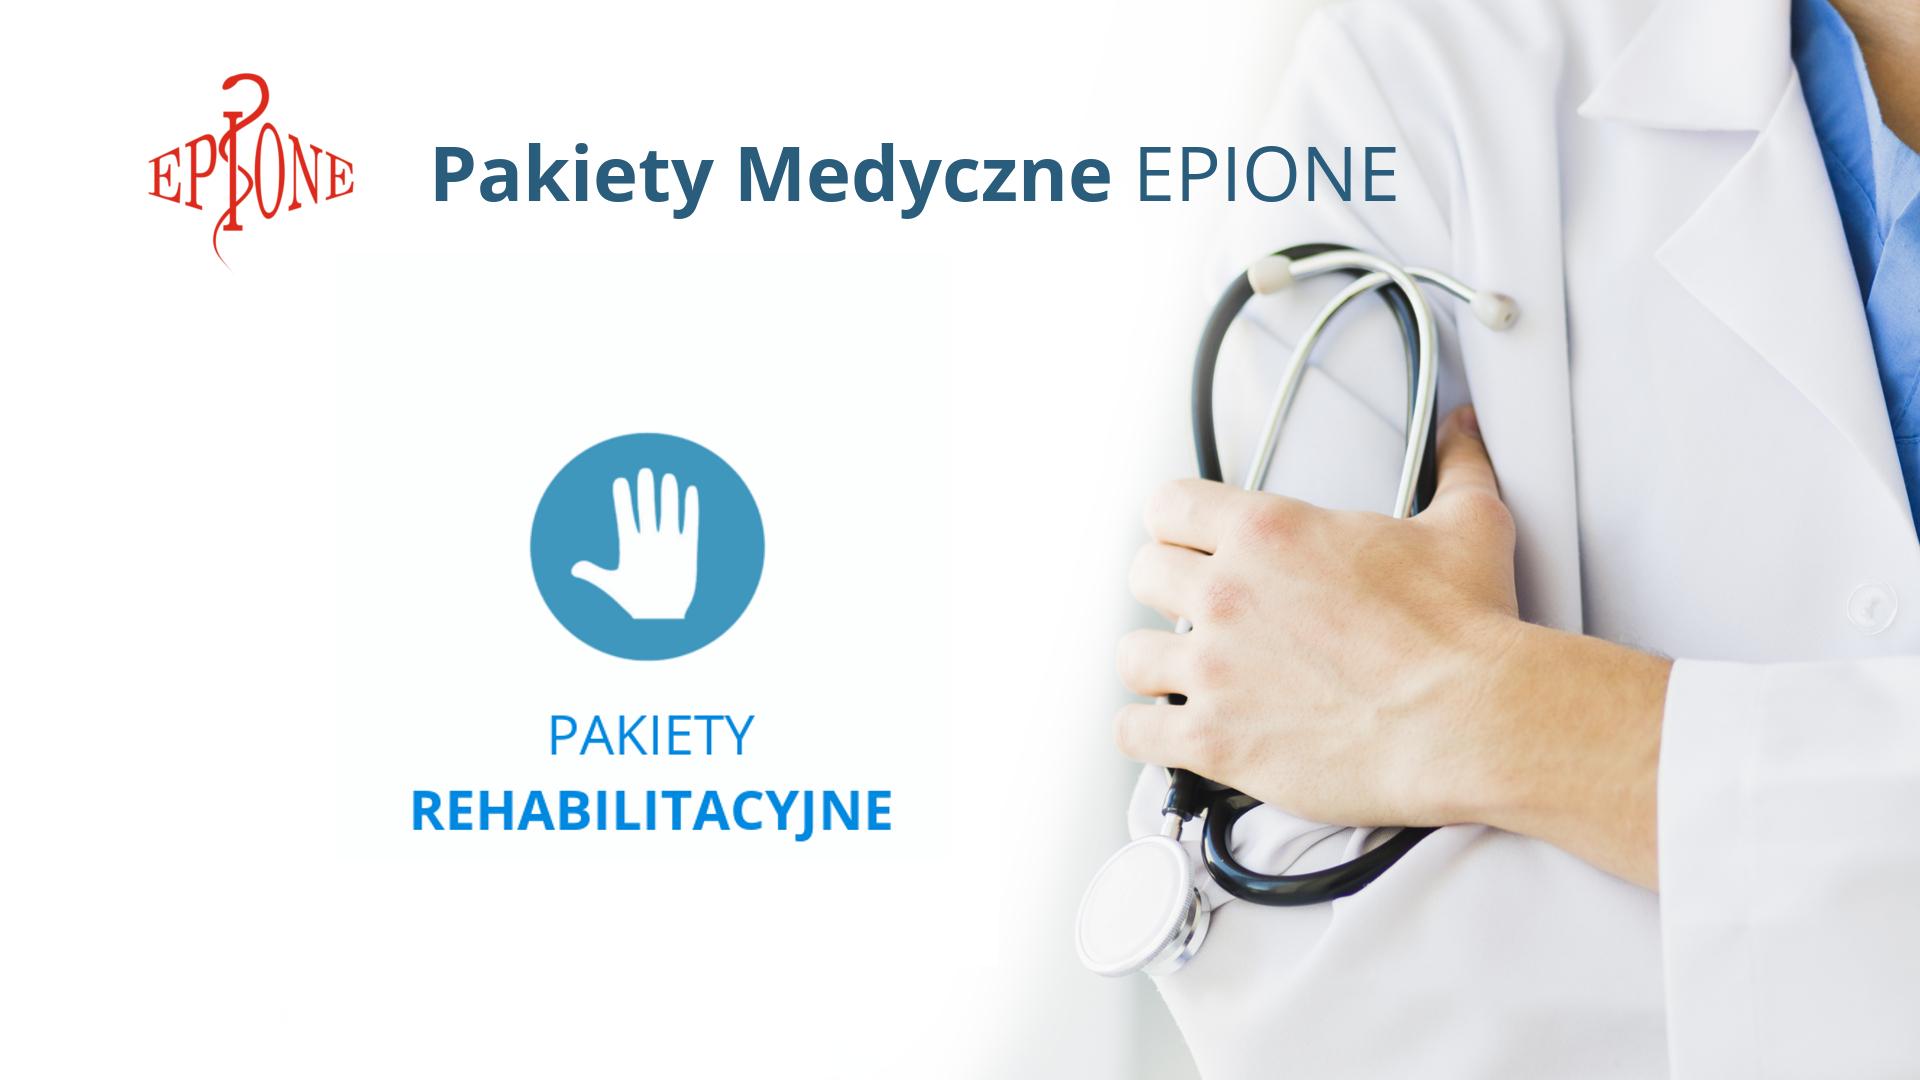 Pakiet Medyczny - Rehabilitacyjny EPIONE | Katowice | Śląsk